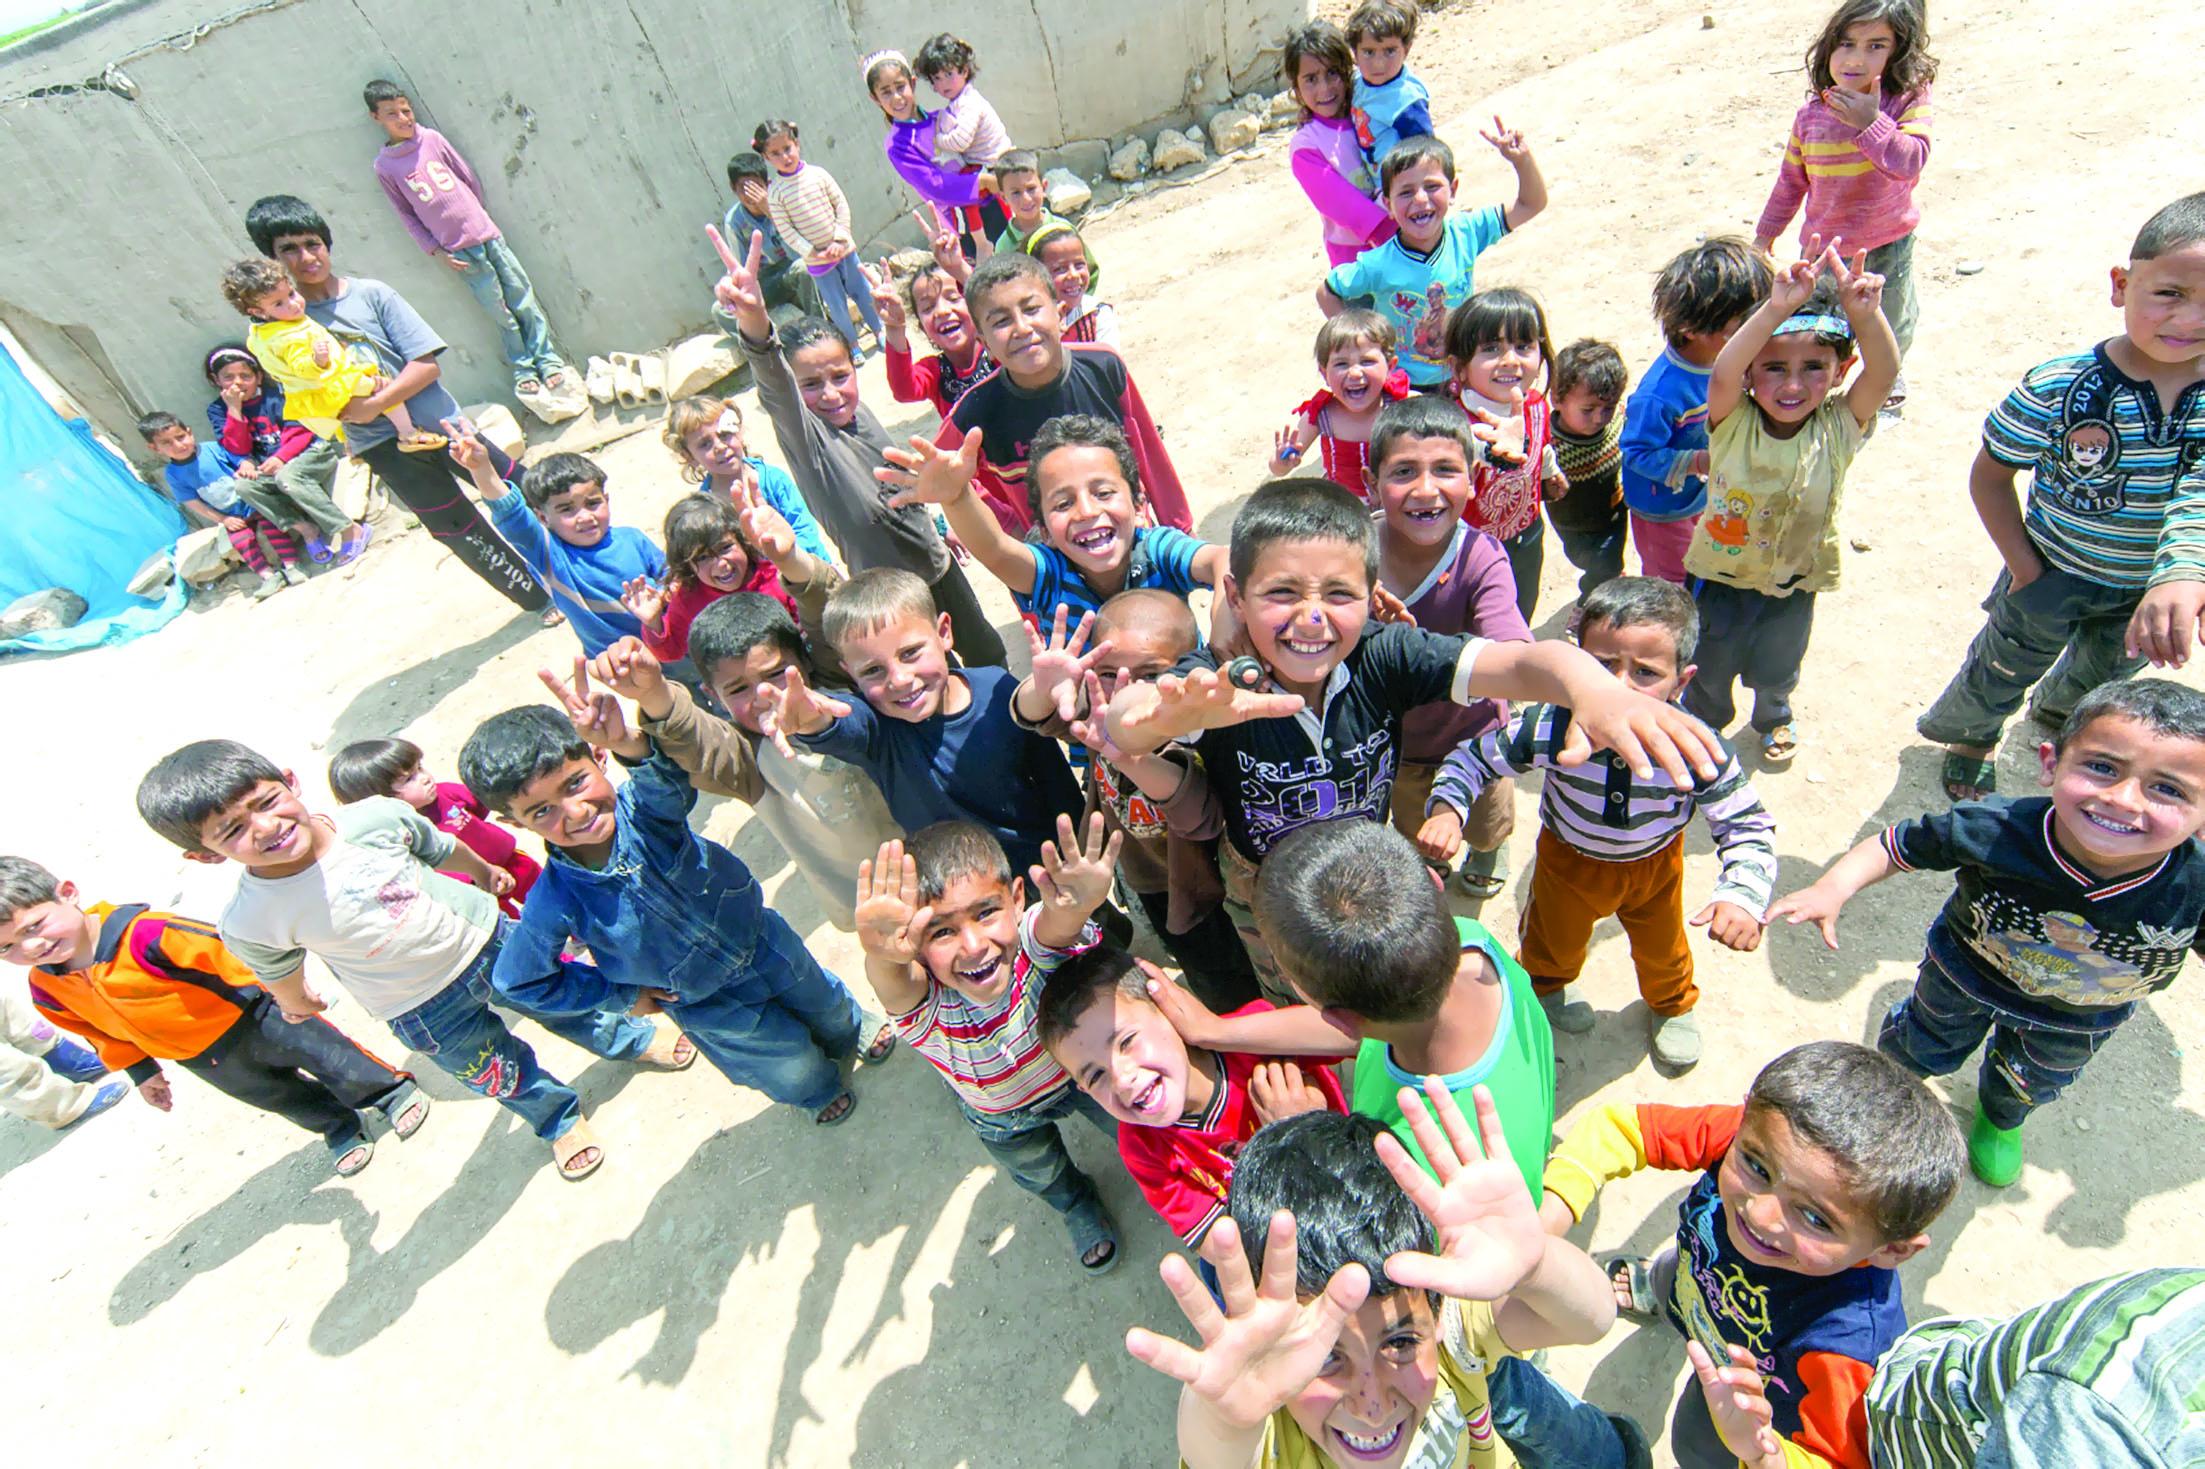 نصف السوريين في لبنان بلا إقامة